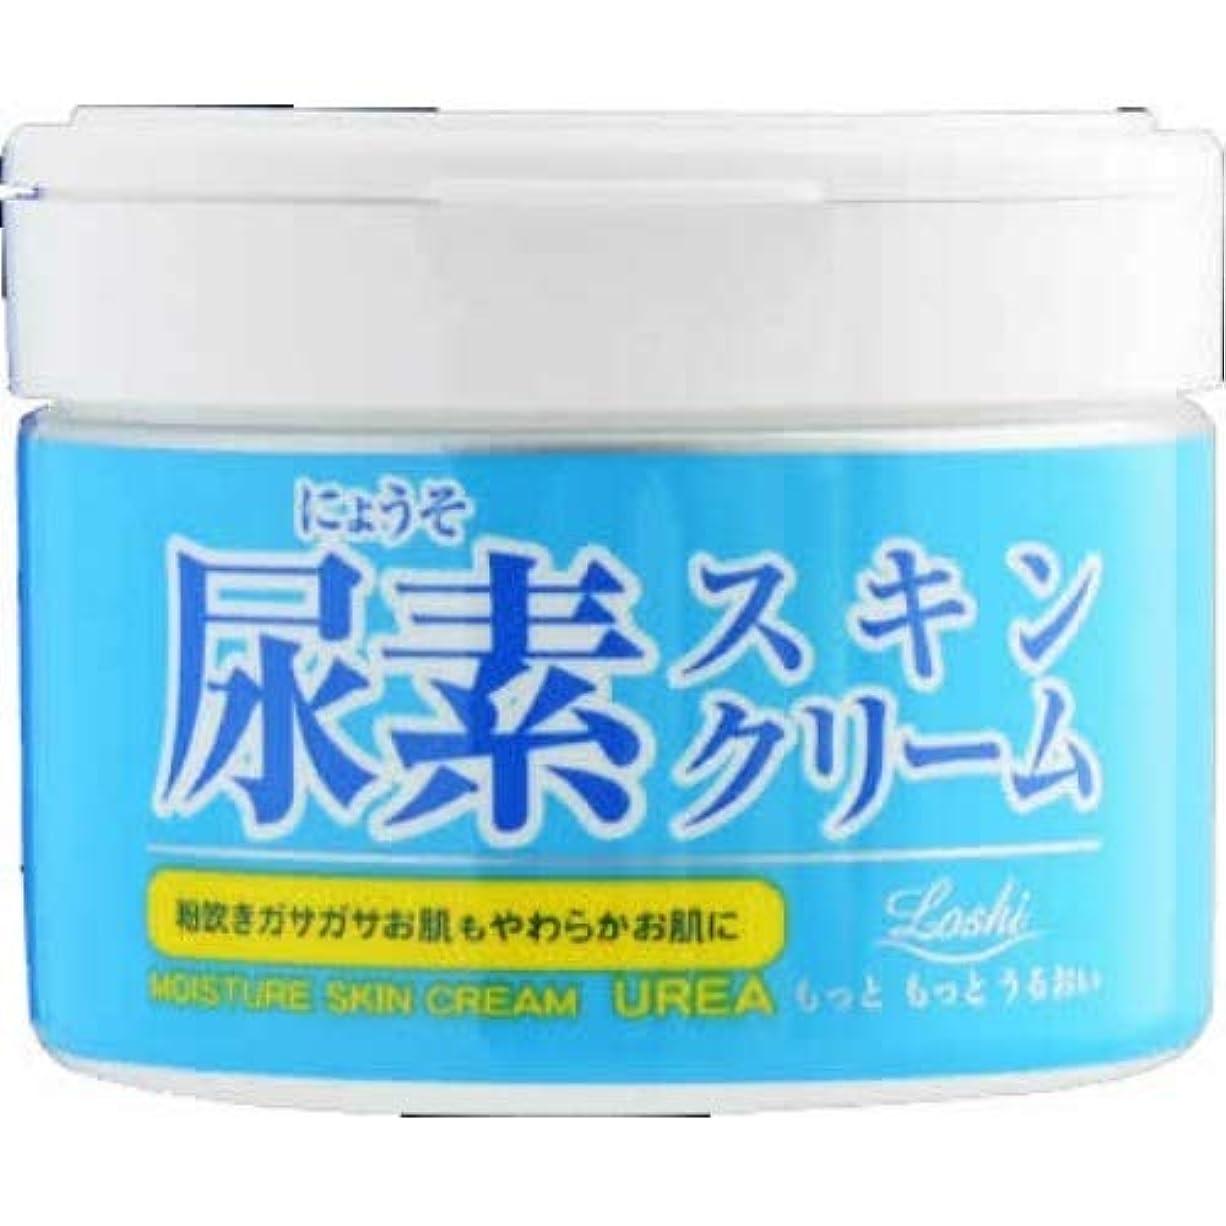 橋脚倉庫弱めるロッシモイストエイド 尿素スキンクリーム × 8個セット